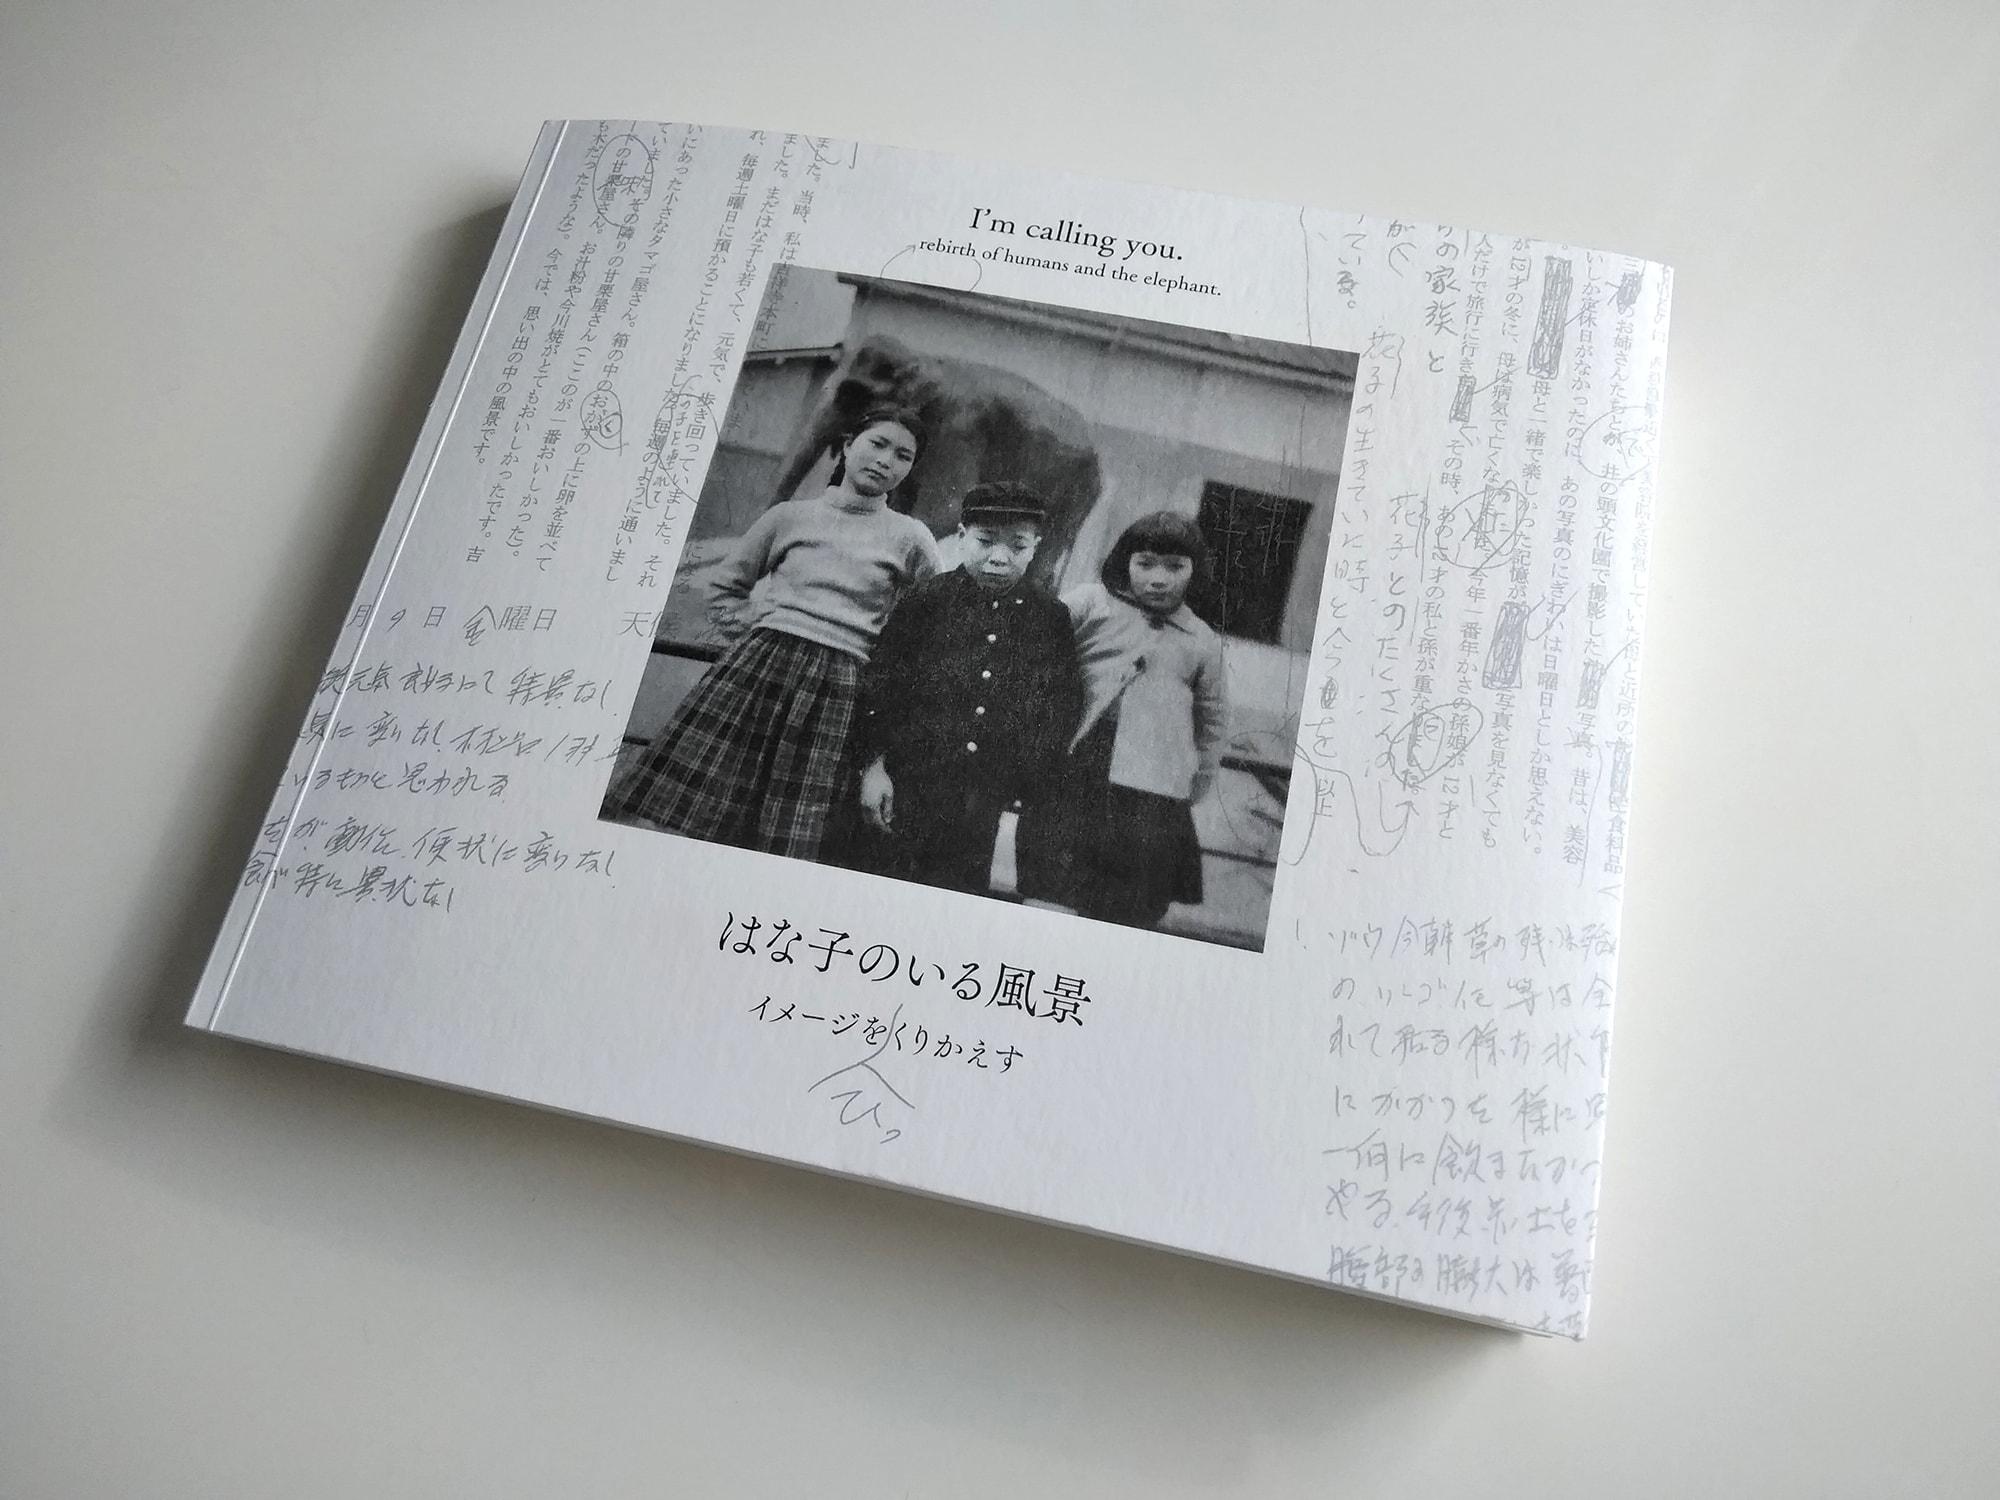 ブックレビュー『はな子のいる風景:イメージを(ひっ)くりかえす』はな子との物語り | はな子のいる風景 01